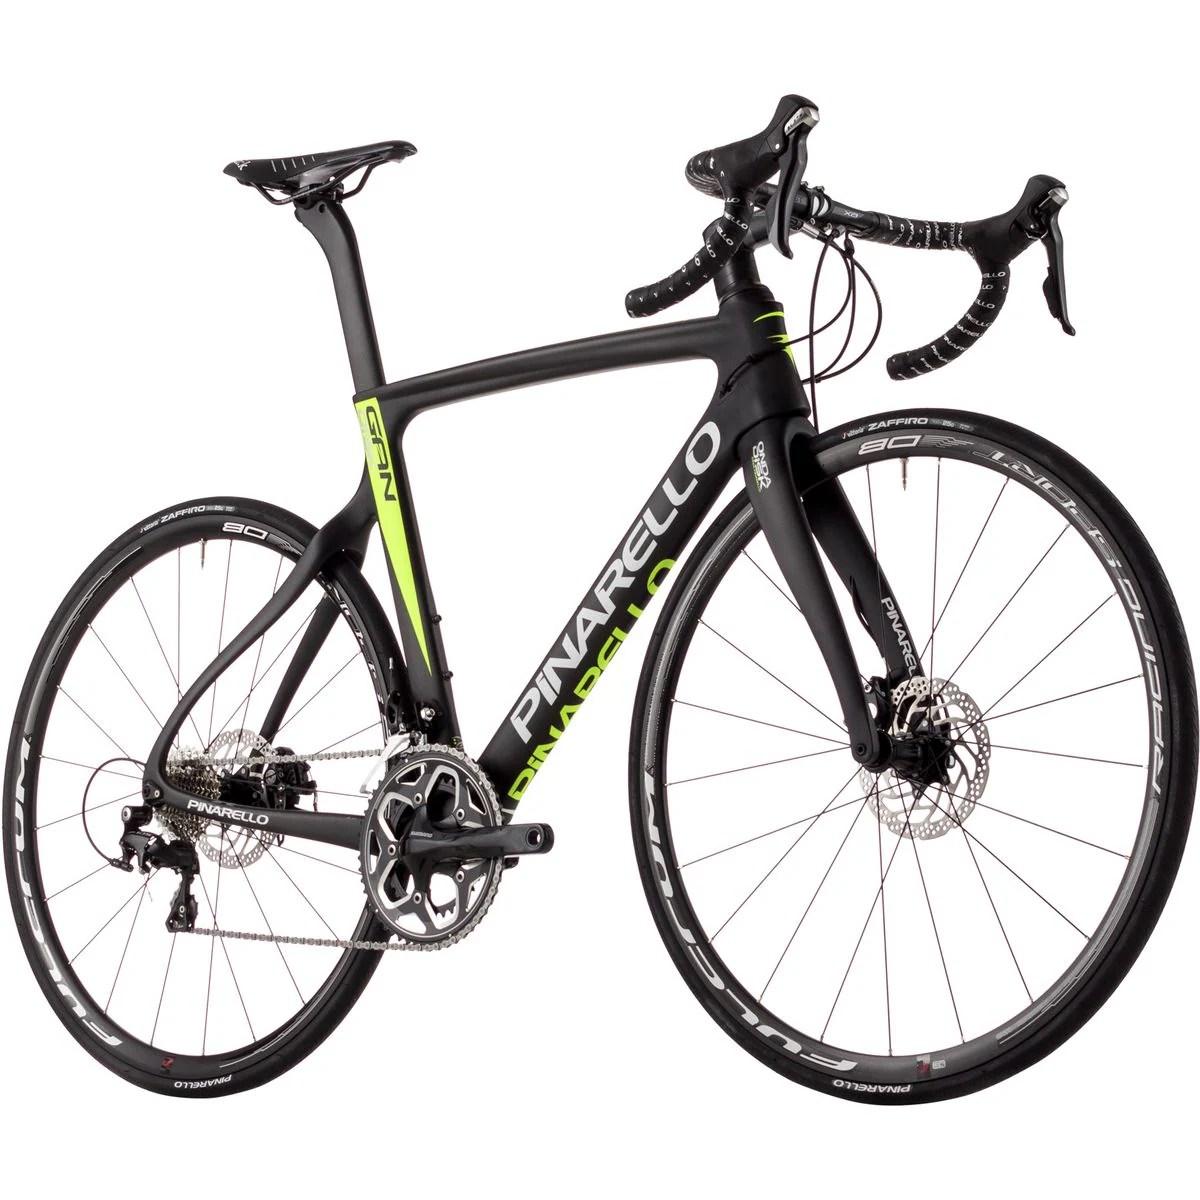 Pinarello Gan Disc 105 Complete Road Bike